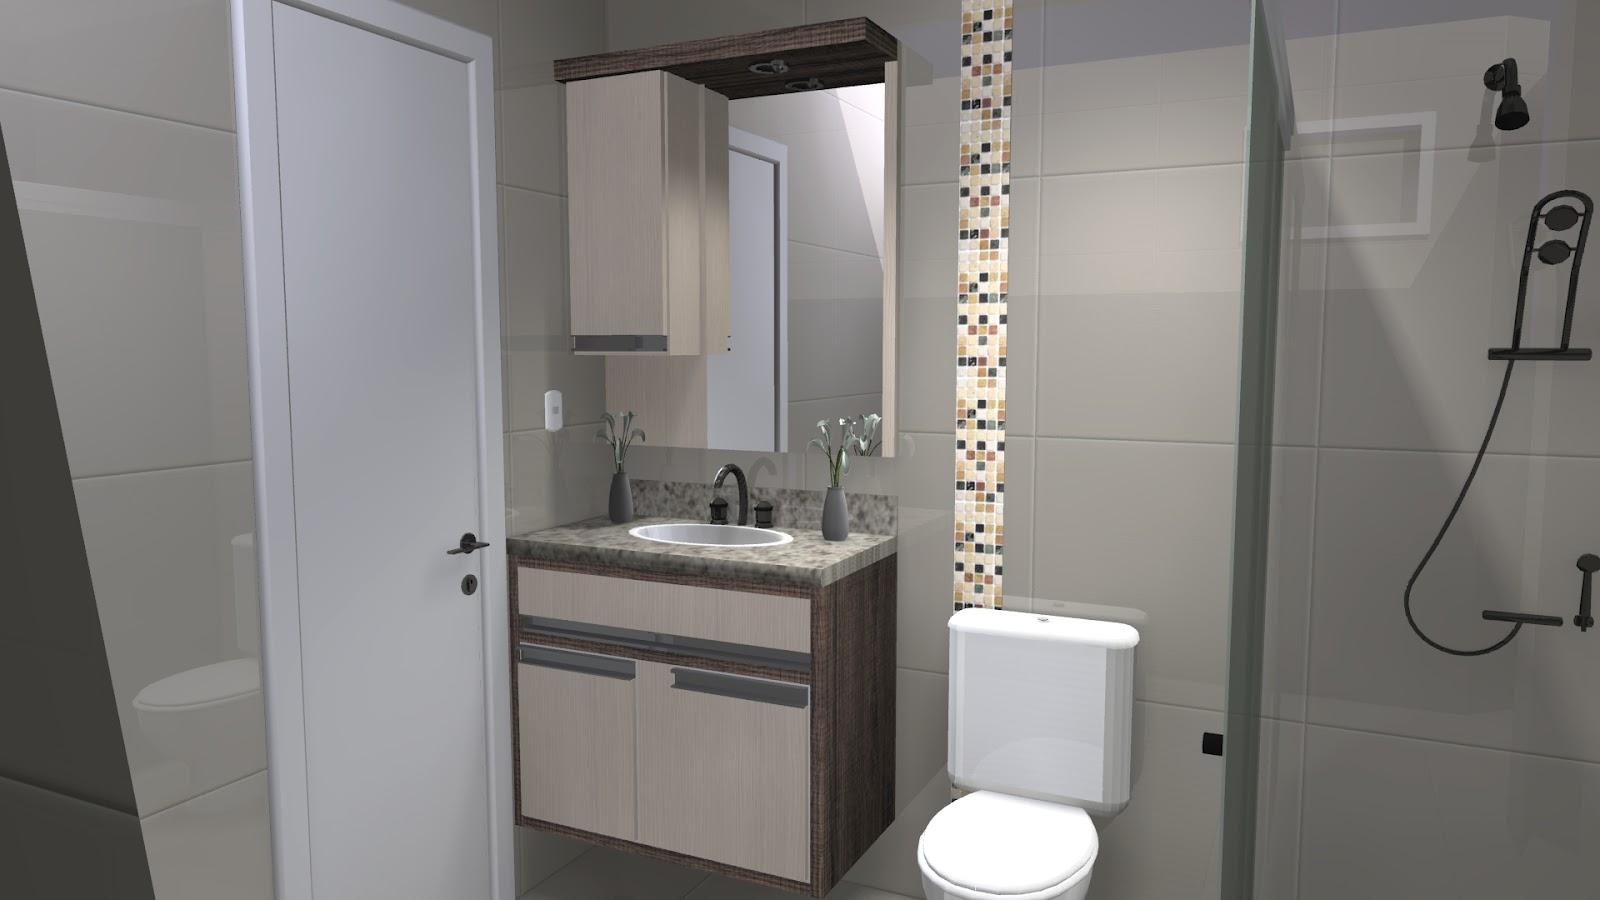 Espaço Nobre Design: Banheiro (Europine x Rústico) #726759 1600x900 Balcao Do Banheiro